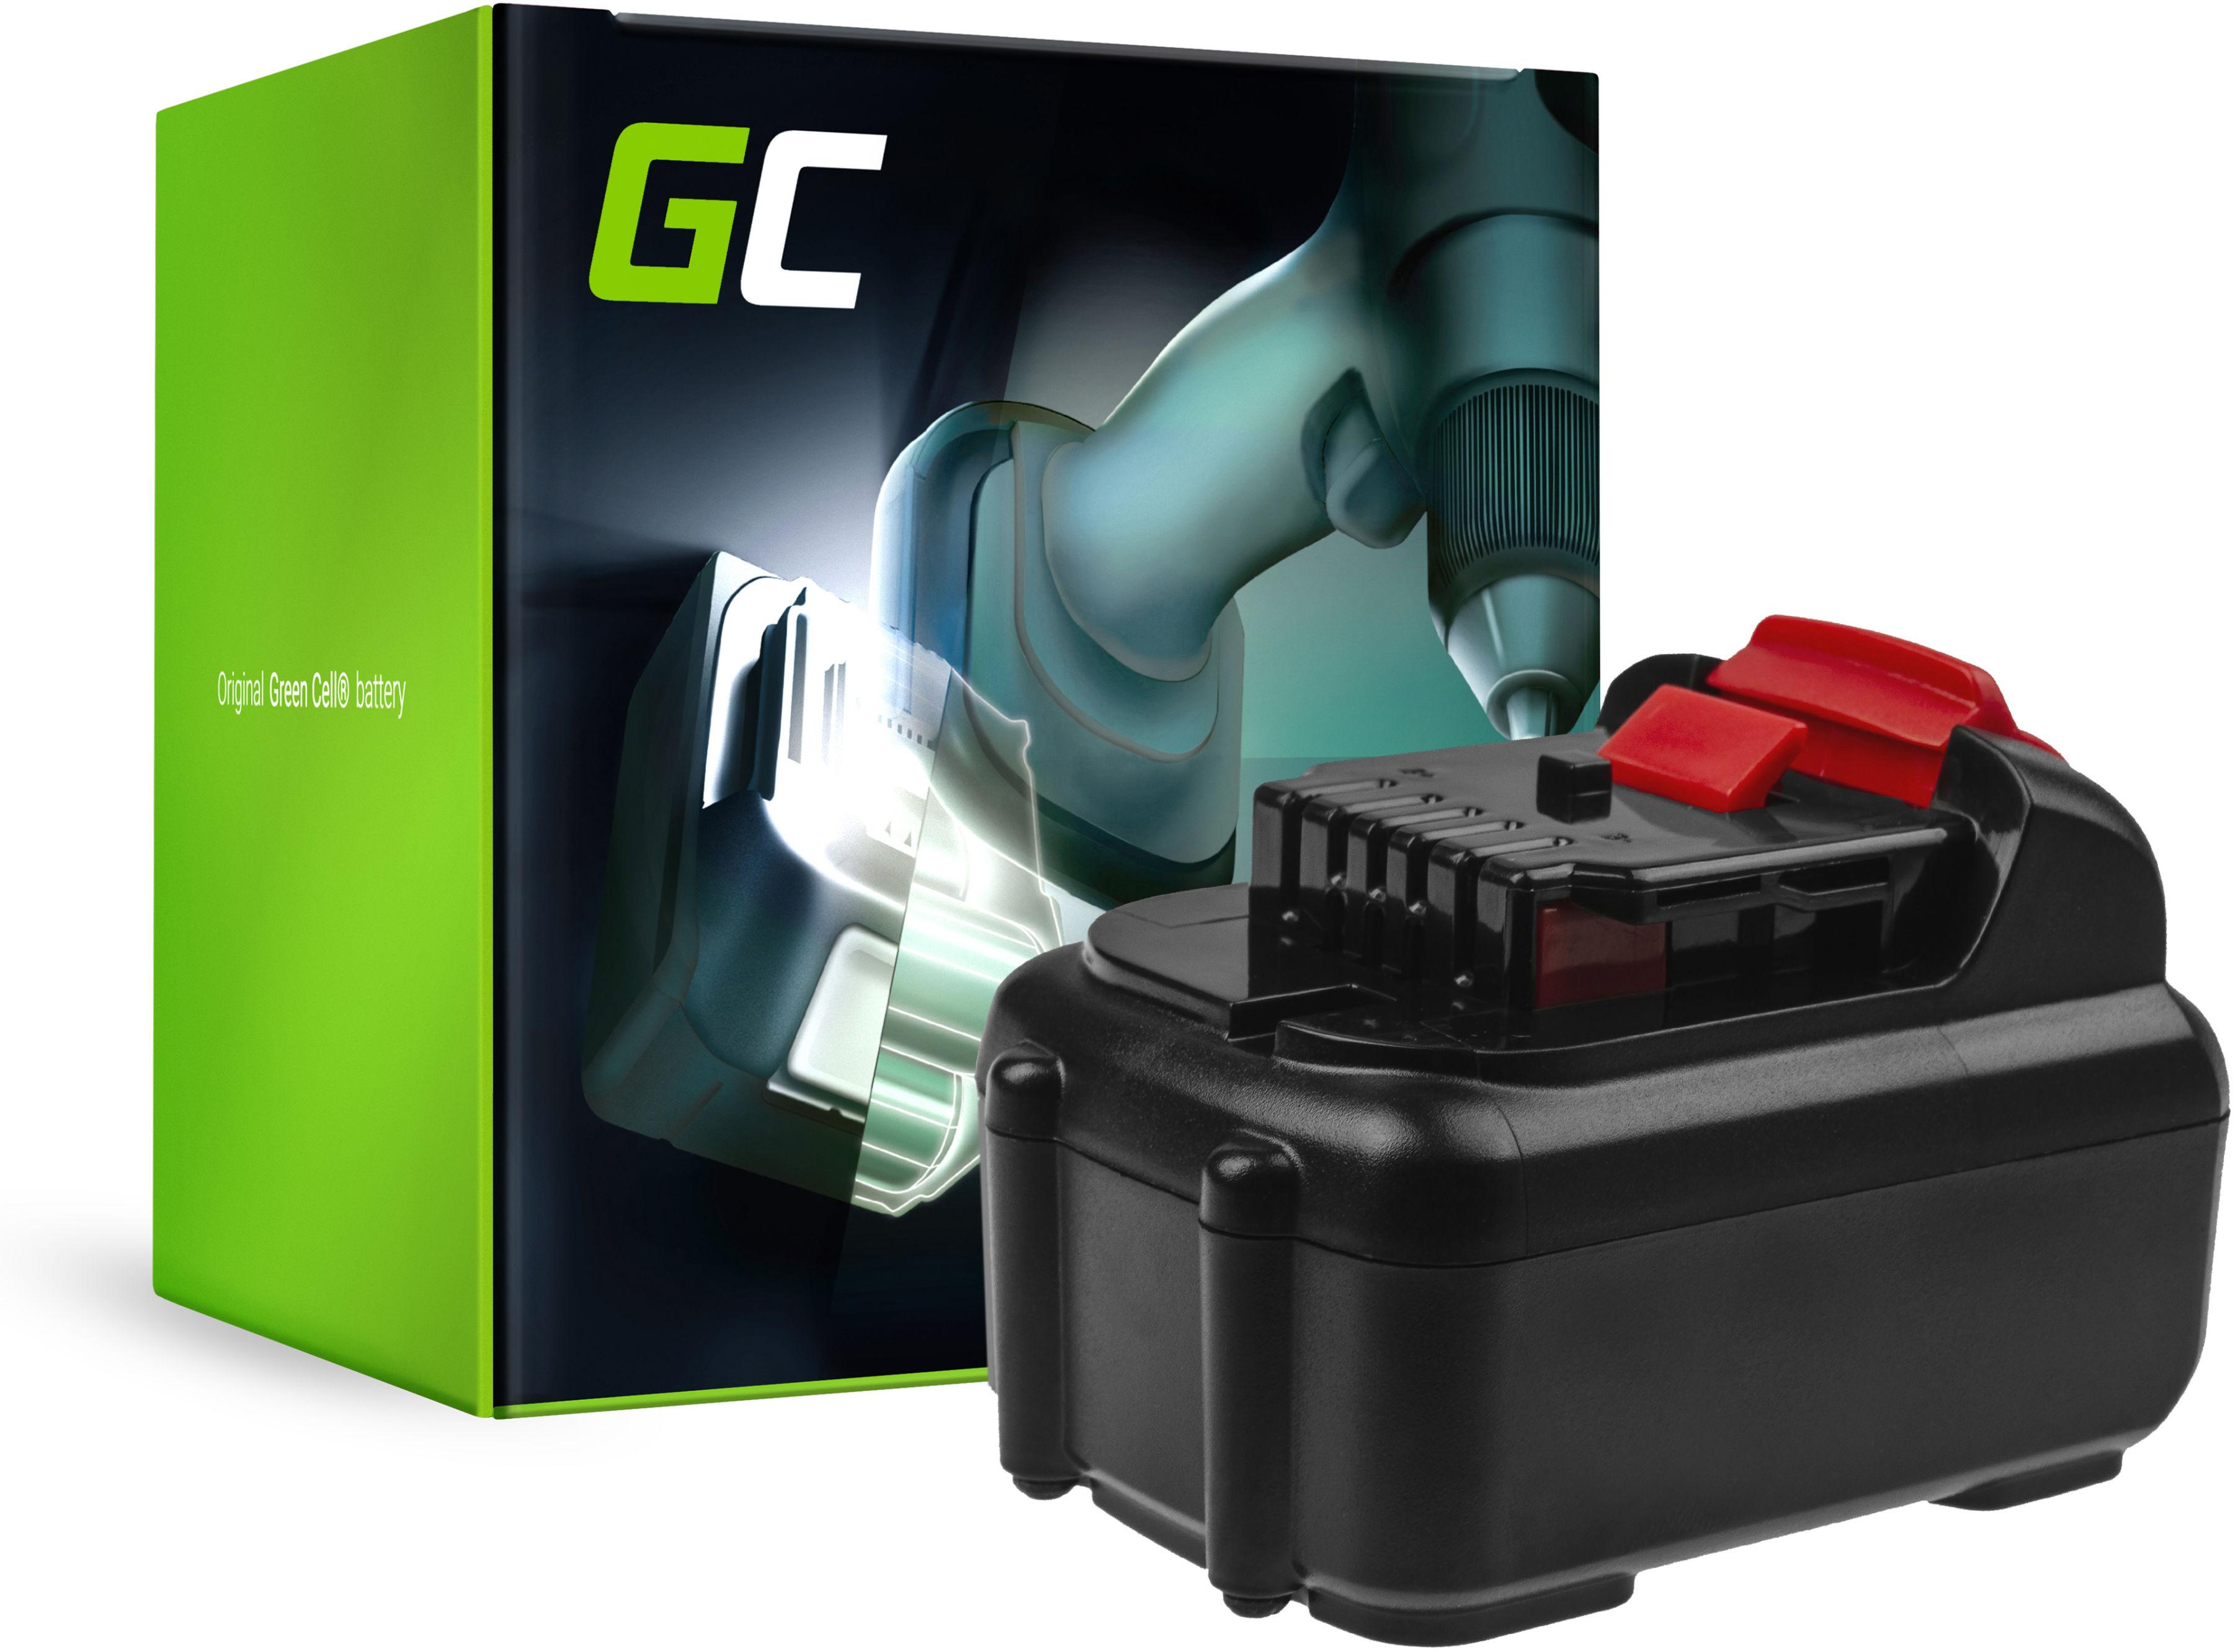 Bateria Green Cell (5Ah 10.8V) DCB120 DCB124 DCB121 DCB127 do DeWalt DCD710 DCF815 DCT416 DCF813 DCF813N DCD710N DCF815N